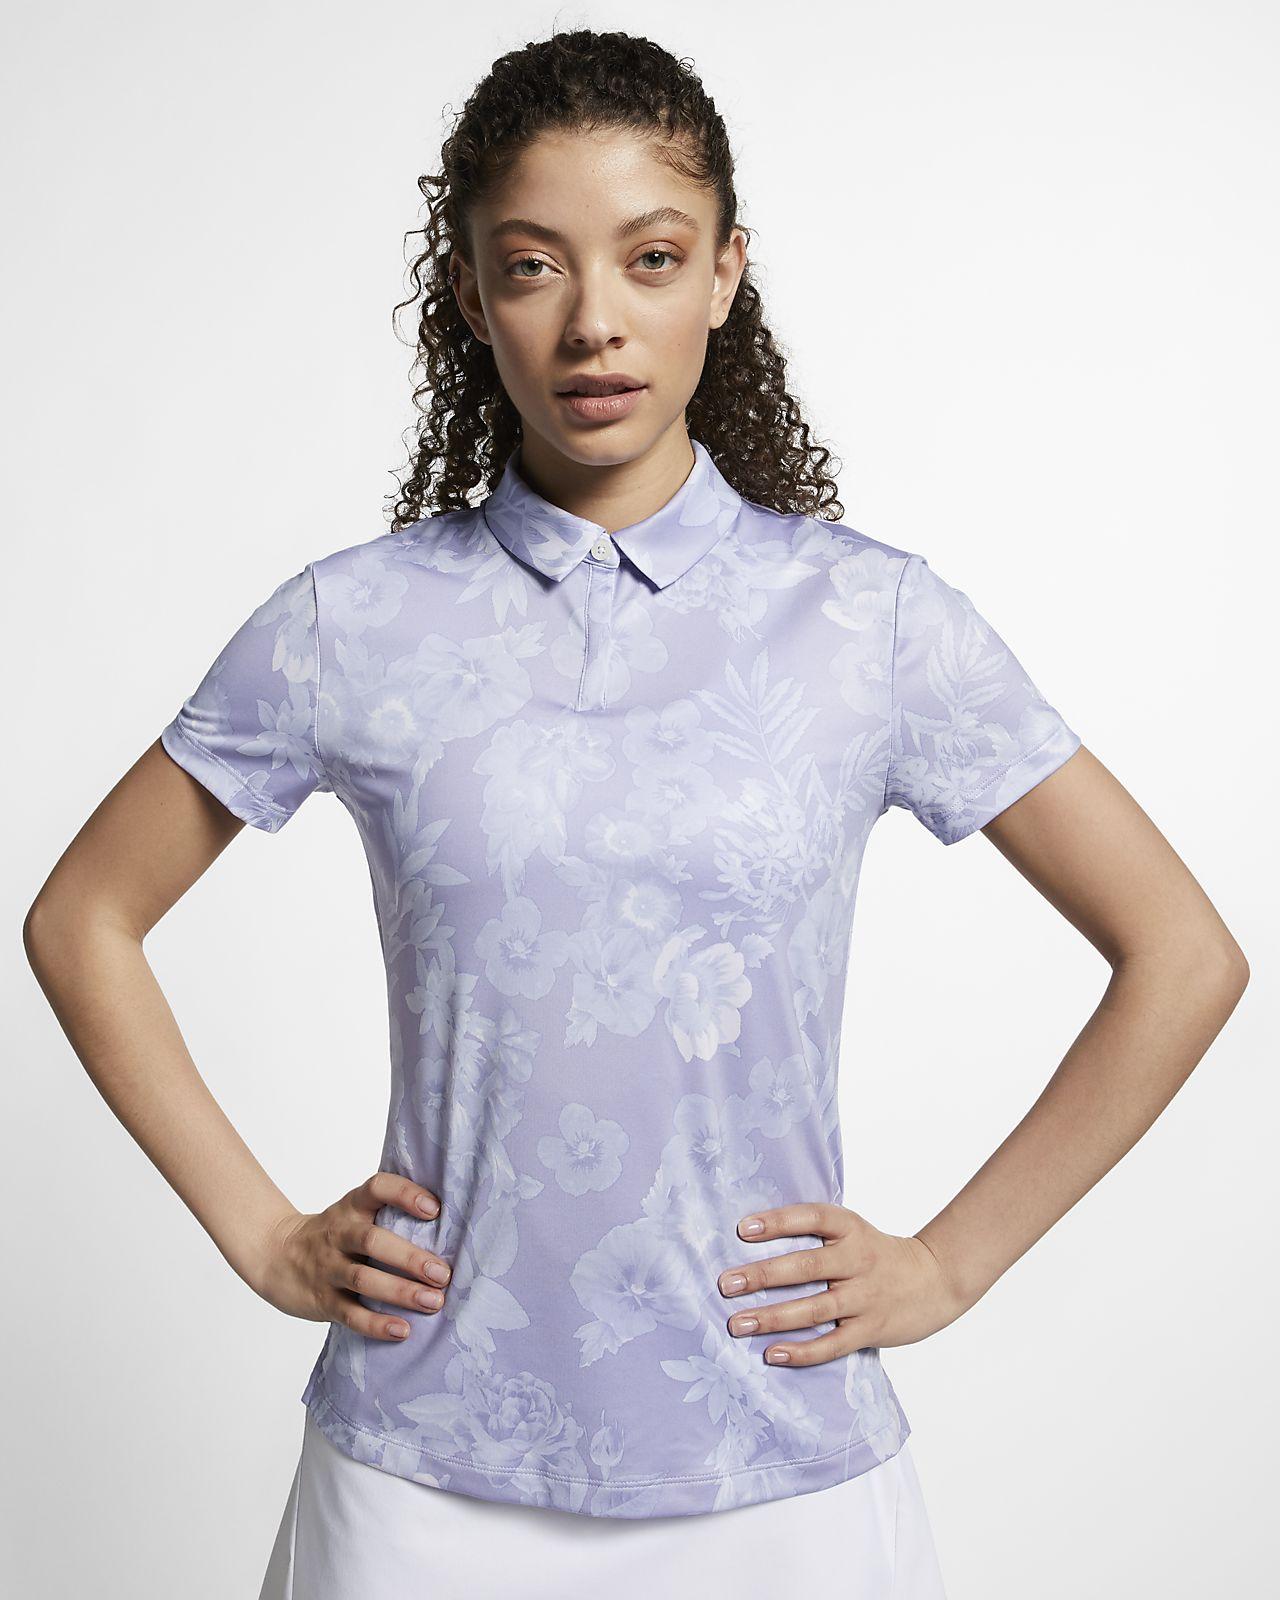 Nike Dri-FIT UV golfskjorte med trykk til dame